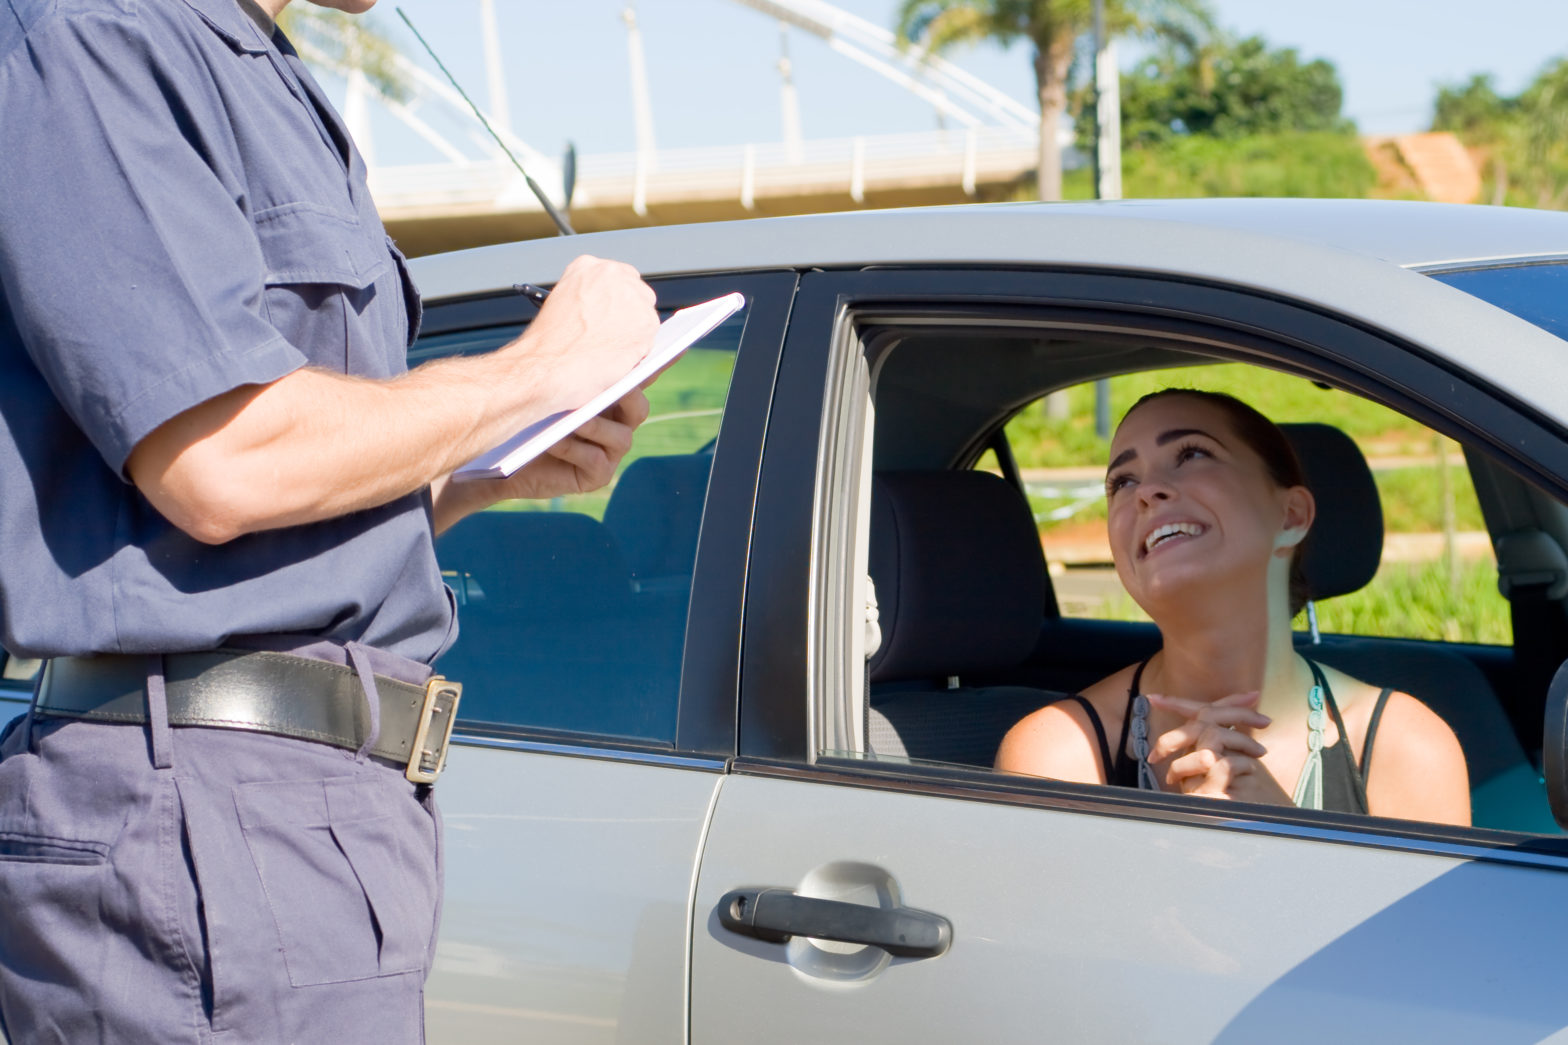 Laut den Statistiken hatte jedes dritte Todesopfer zum Unfallzeitpunkt eines Autounfalles keinen Sicherheitsgurt um.